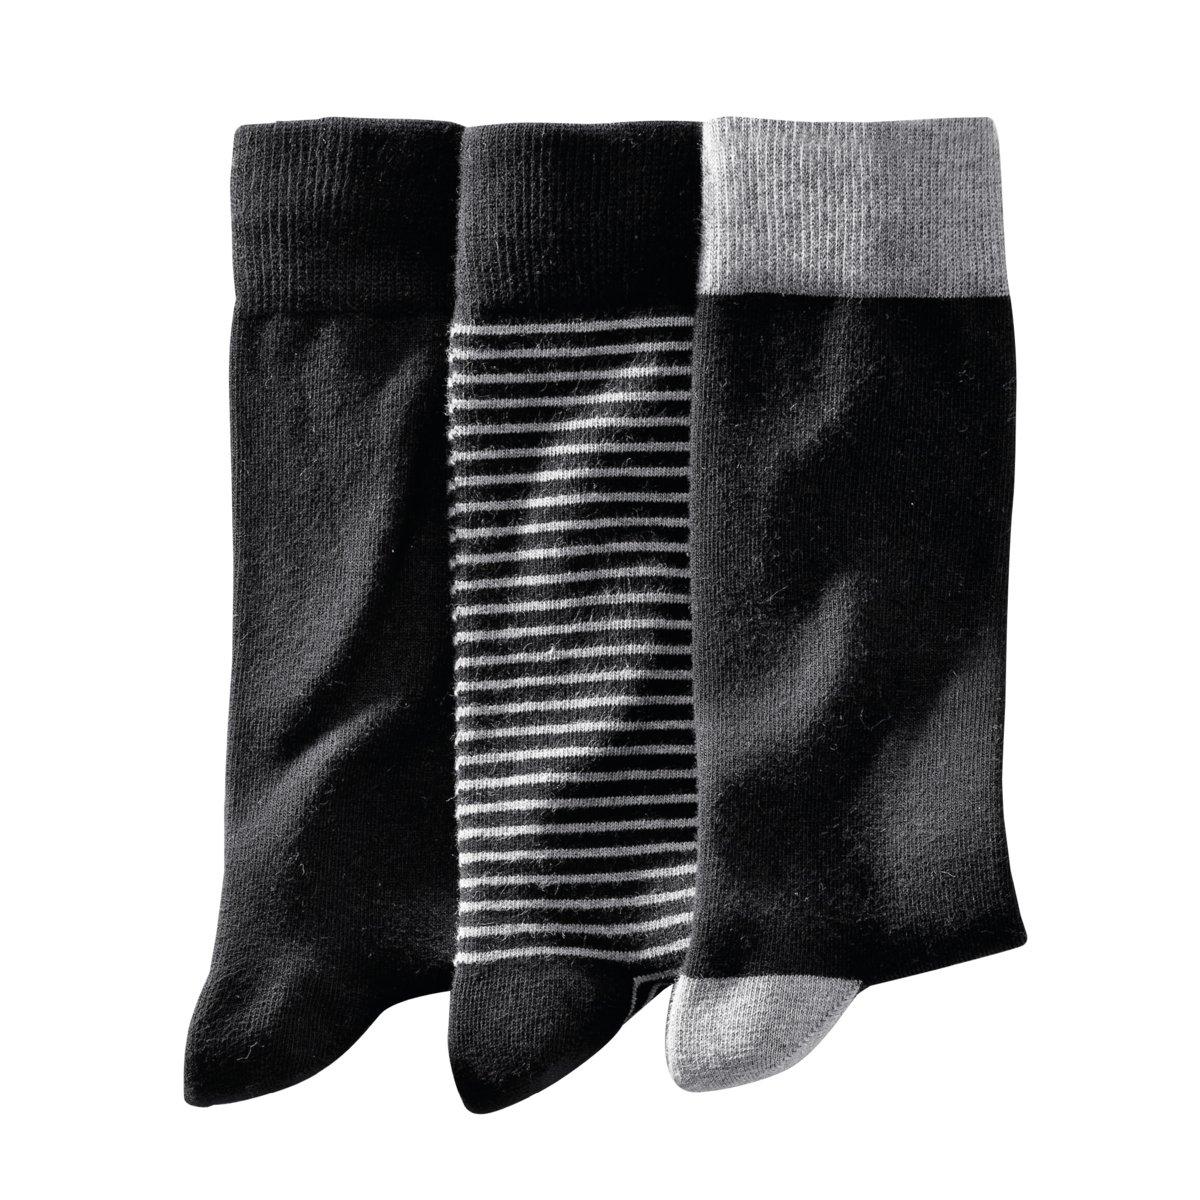 3 пары носковКомплект из 3 пар носков. 1 однотонные + 1 в полоску + 1 двухцветные. 75% хлопка, 24% полиамида, 1% эластана.<br><br>Цвет: в полоску черный<br>Размер: 39/42